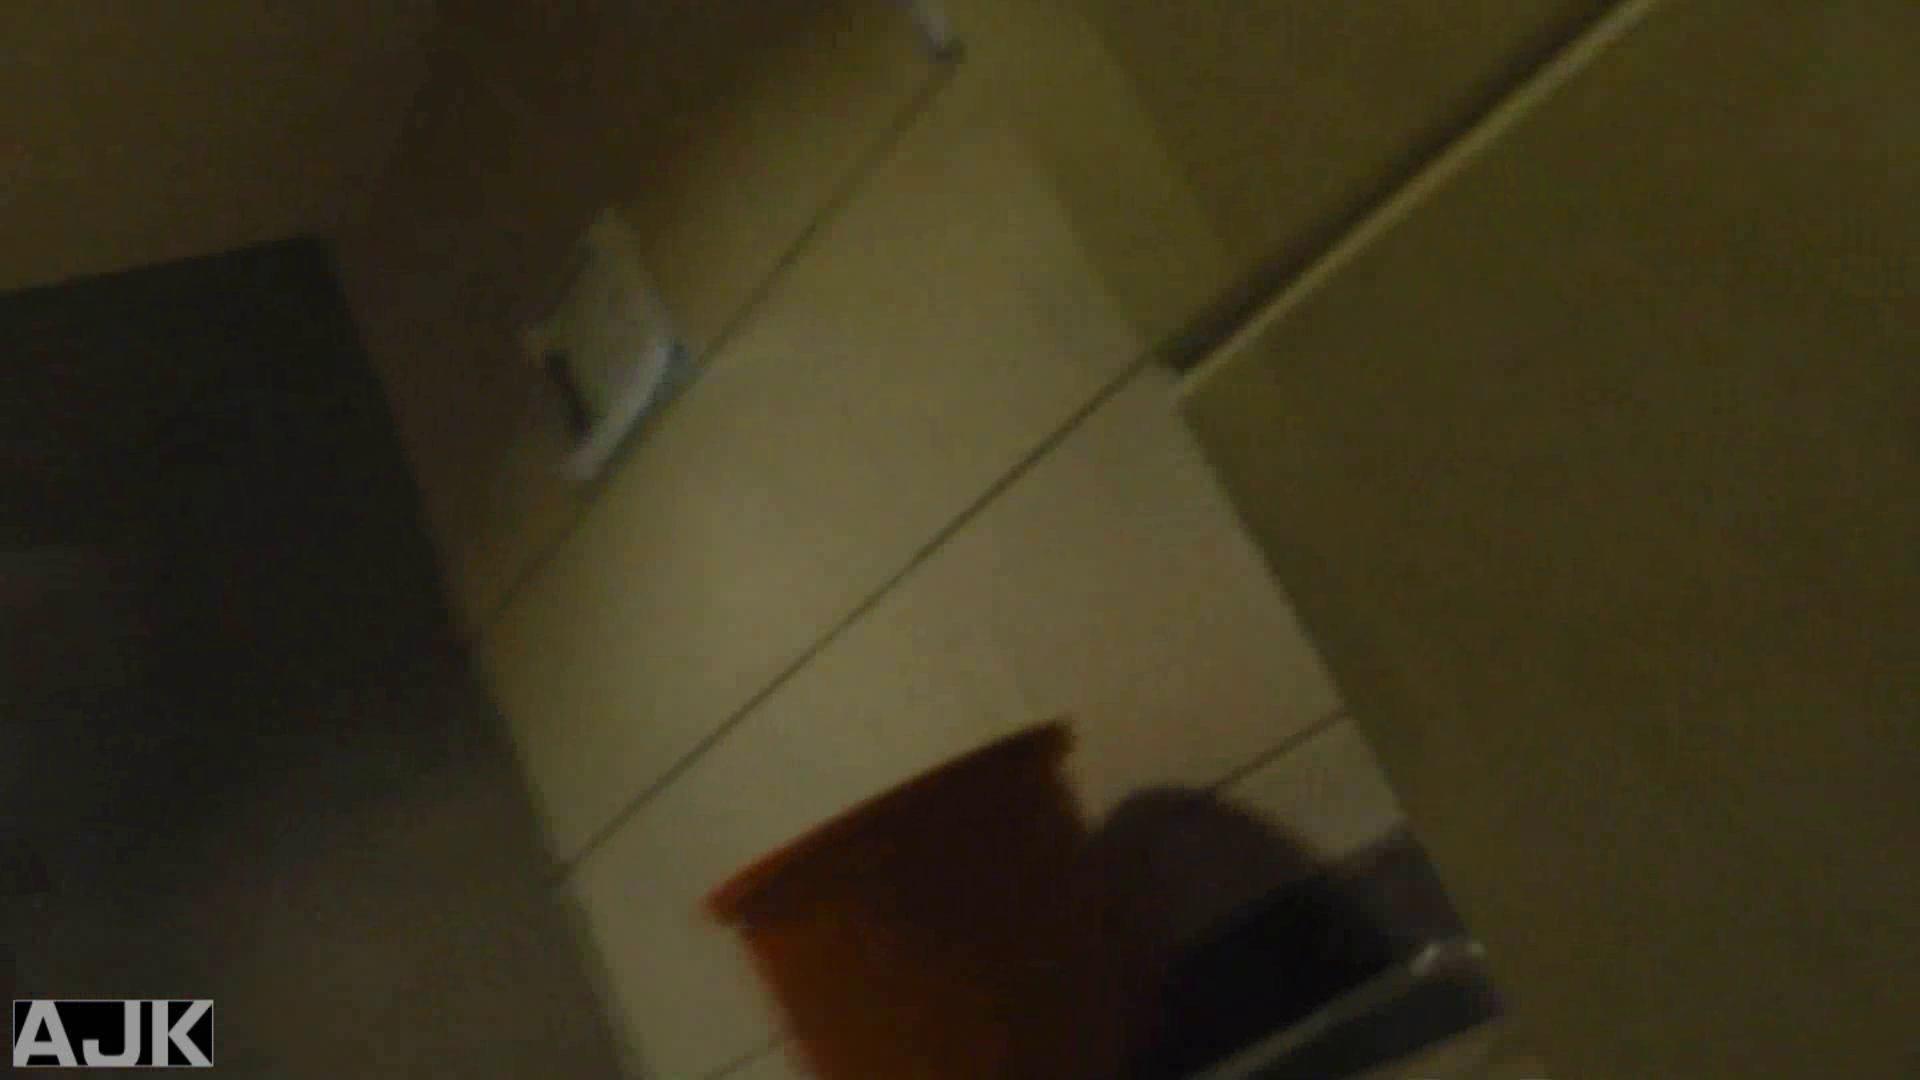 隣国上階級エリアの令嬢たちが集うデパートお手洗い Vol.09 マンコ スケベ動画紹介 73画像 70